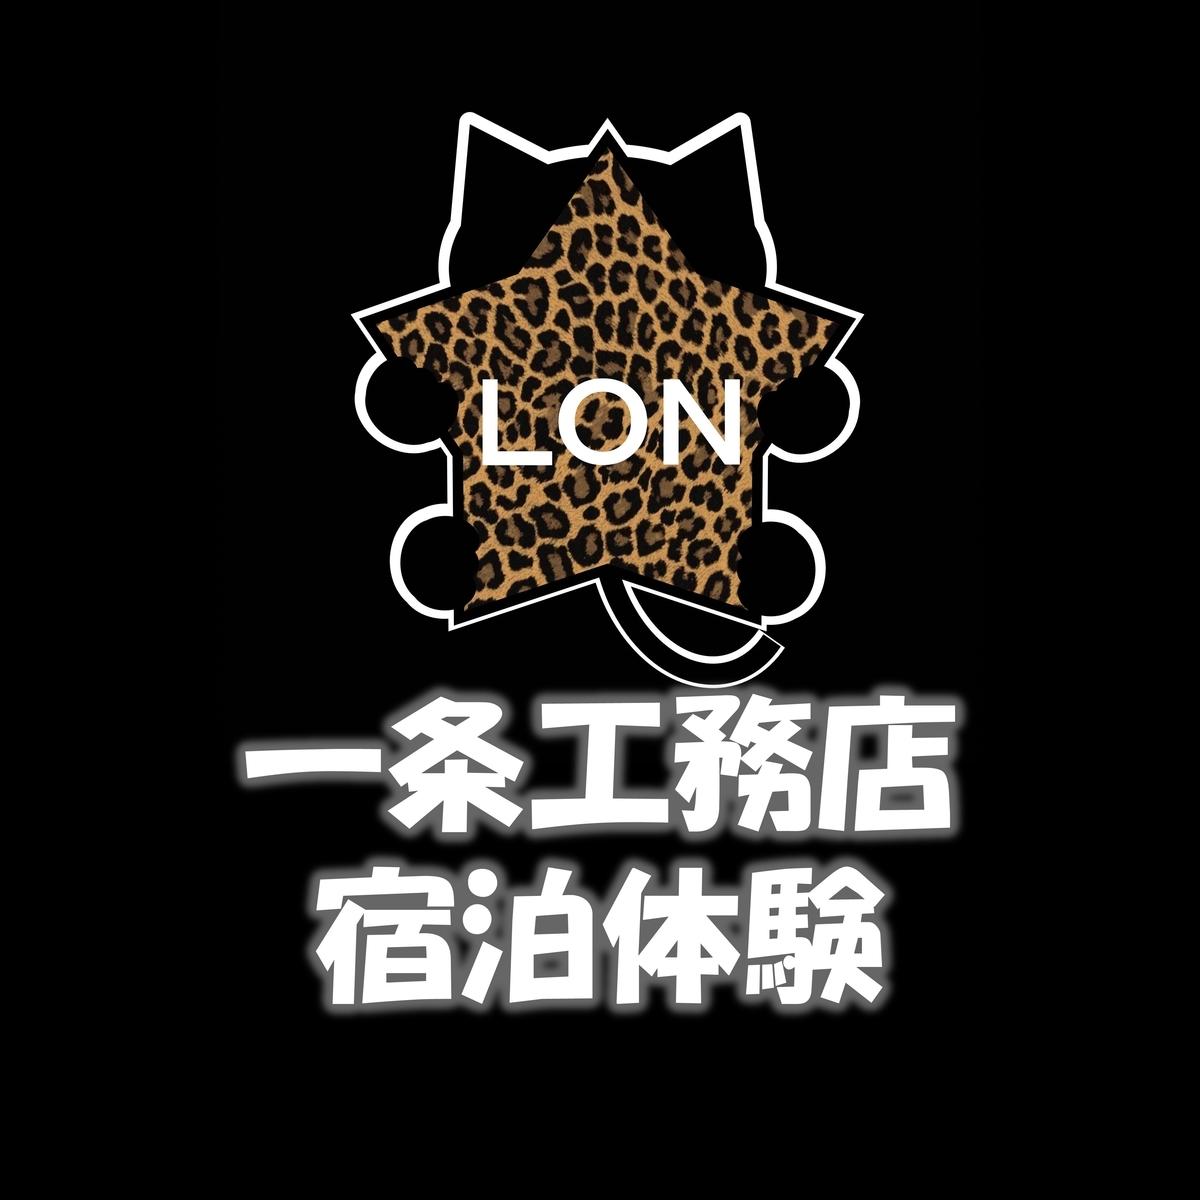 f:id:lon_blackcat:20200929235224j:plain